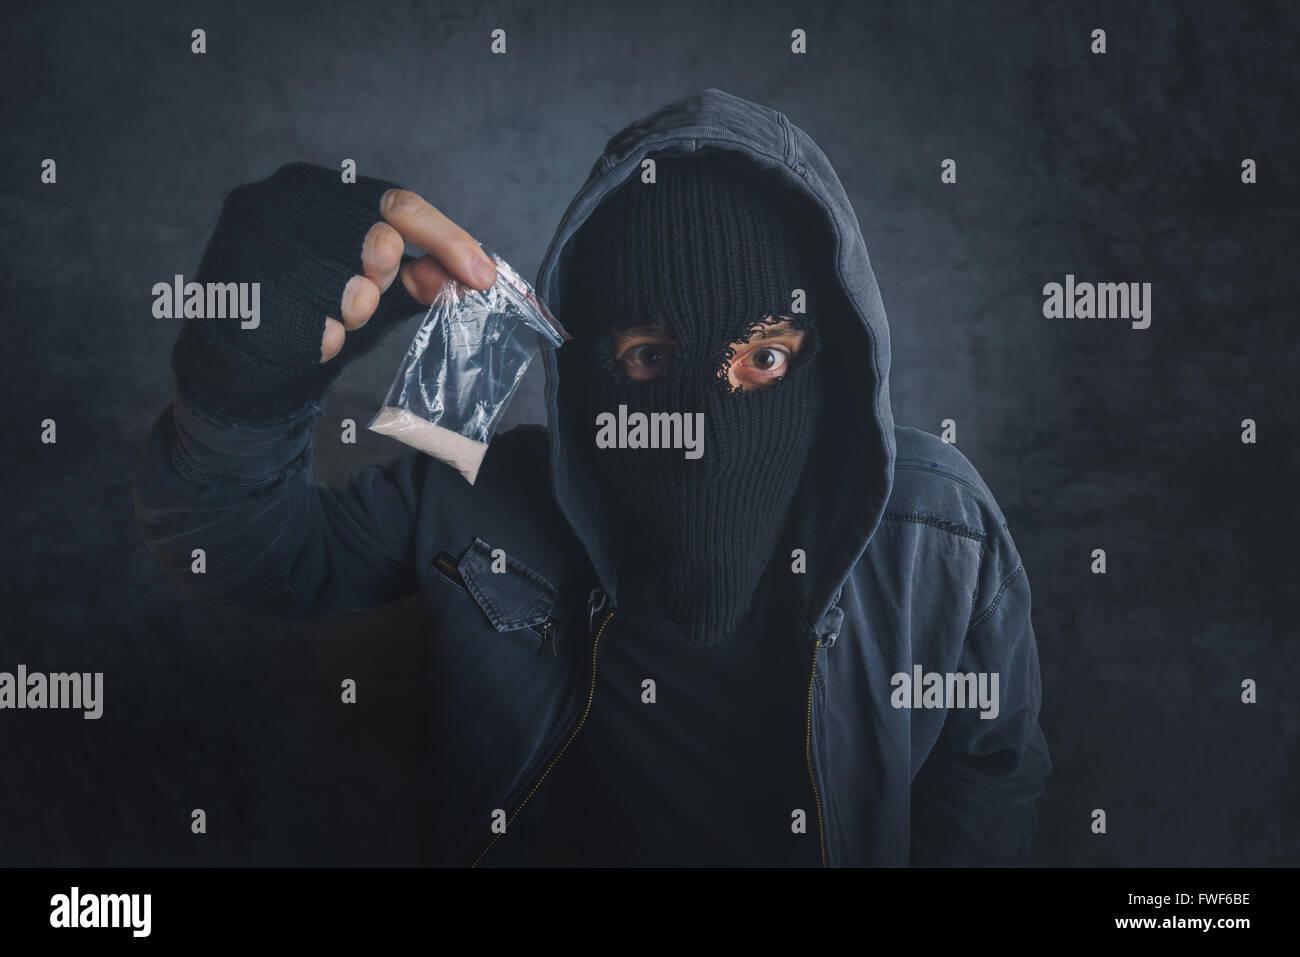 Drogendealer mit narkotische Substanz, auf der Straße, unkenntlich vermummte Verbrecher Verkauf von Drogen Stockbild